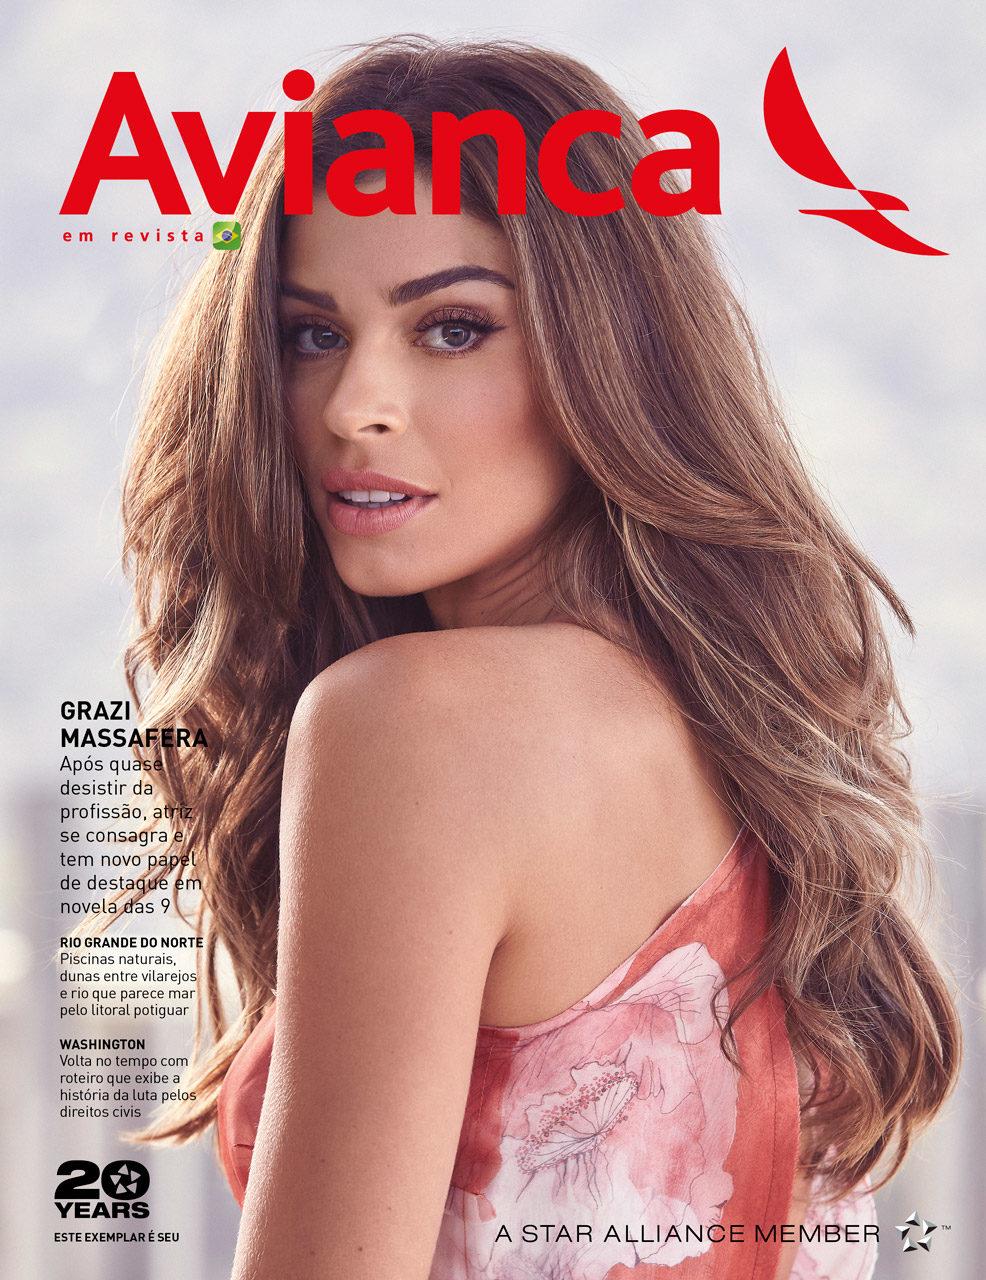 #87-AVIANCA-EM-REVISTA